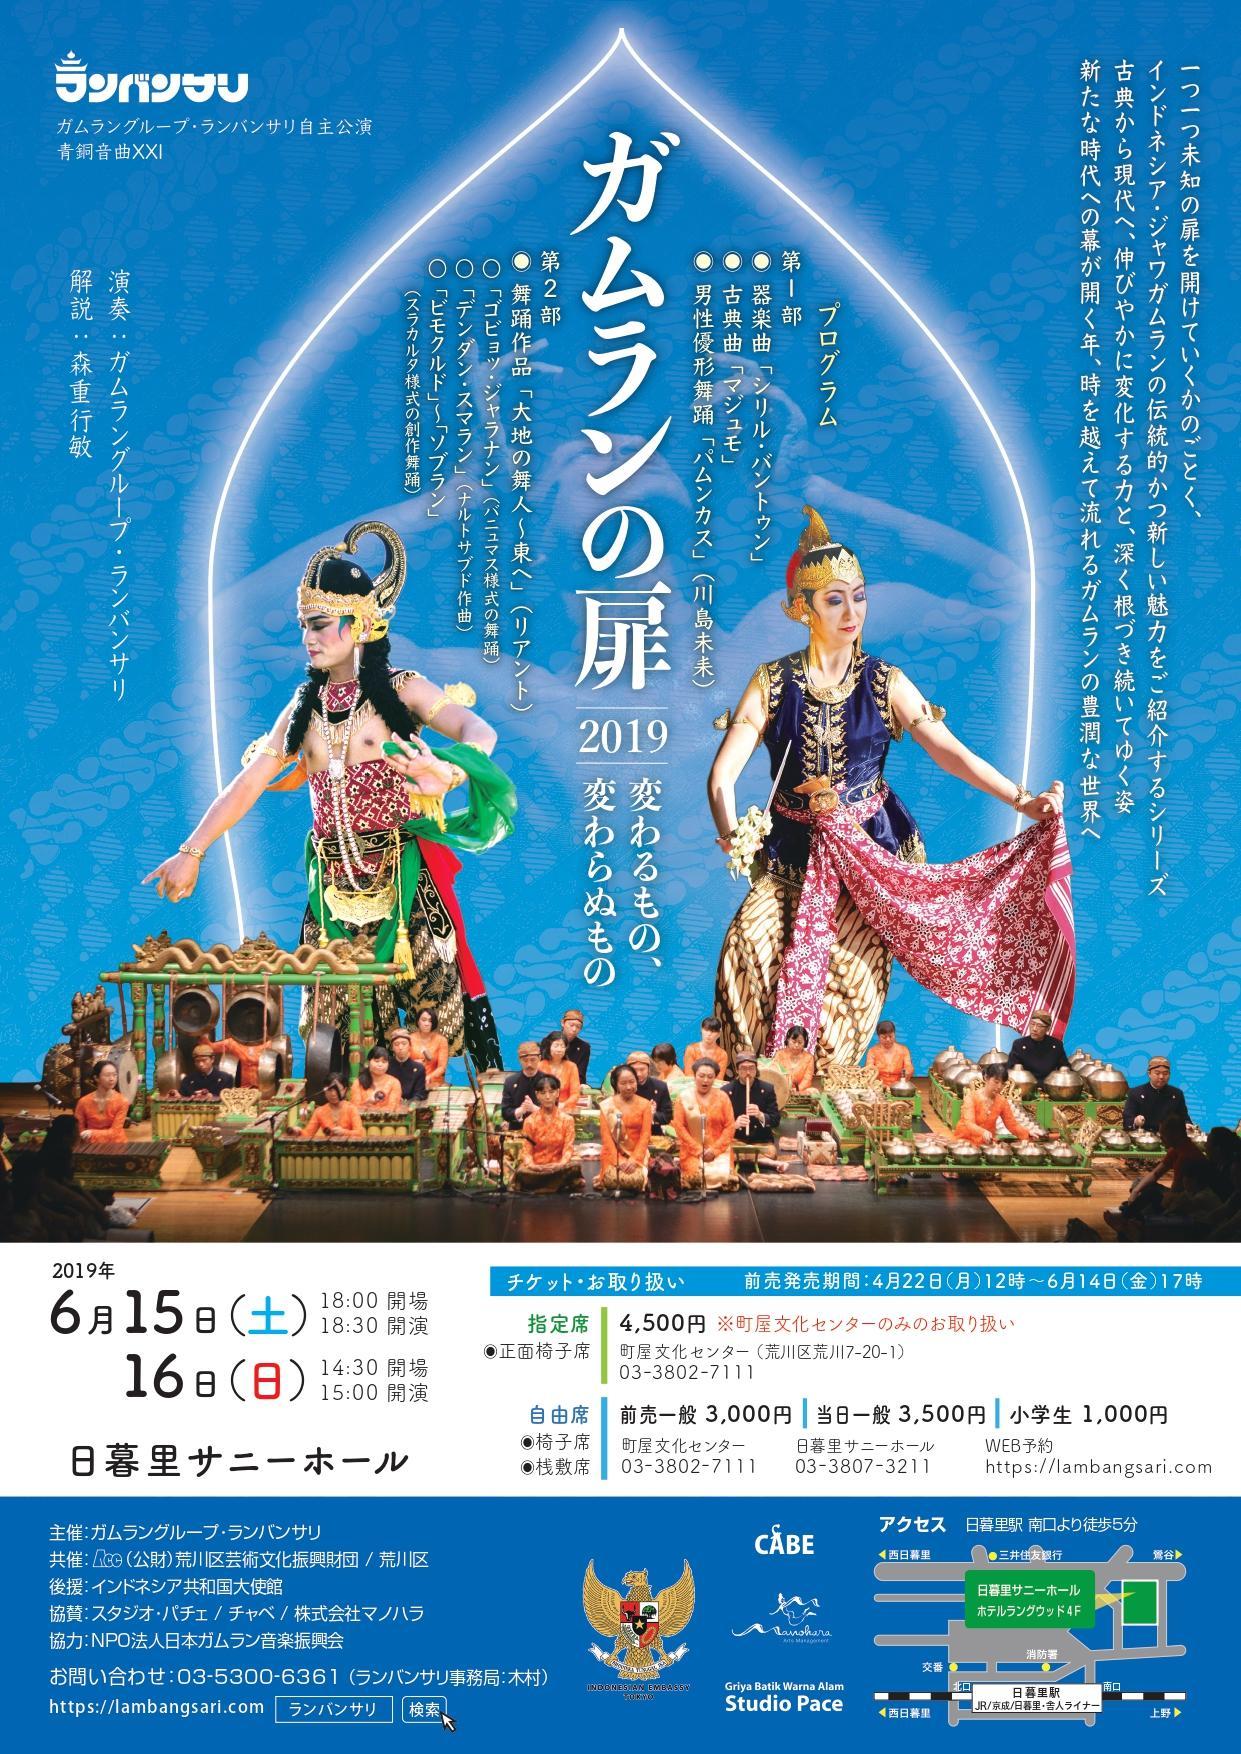 http://www.acc-arakawa.jp/event/21112f7e438cef63afd665a238a14e2f59f56da4.jpg